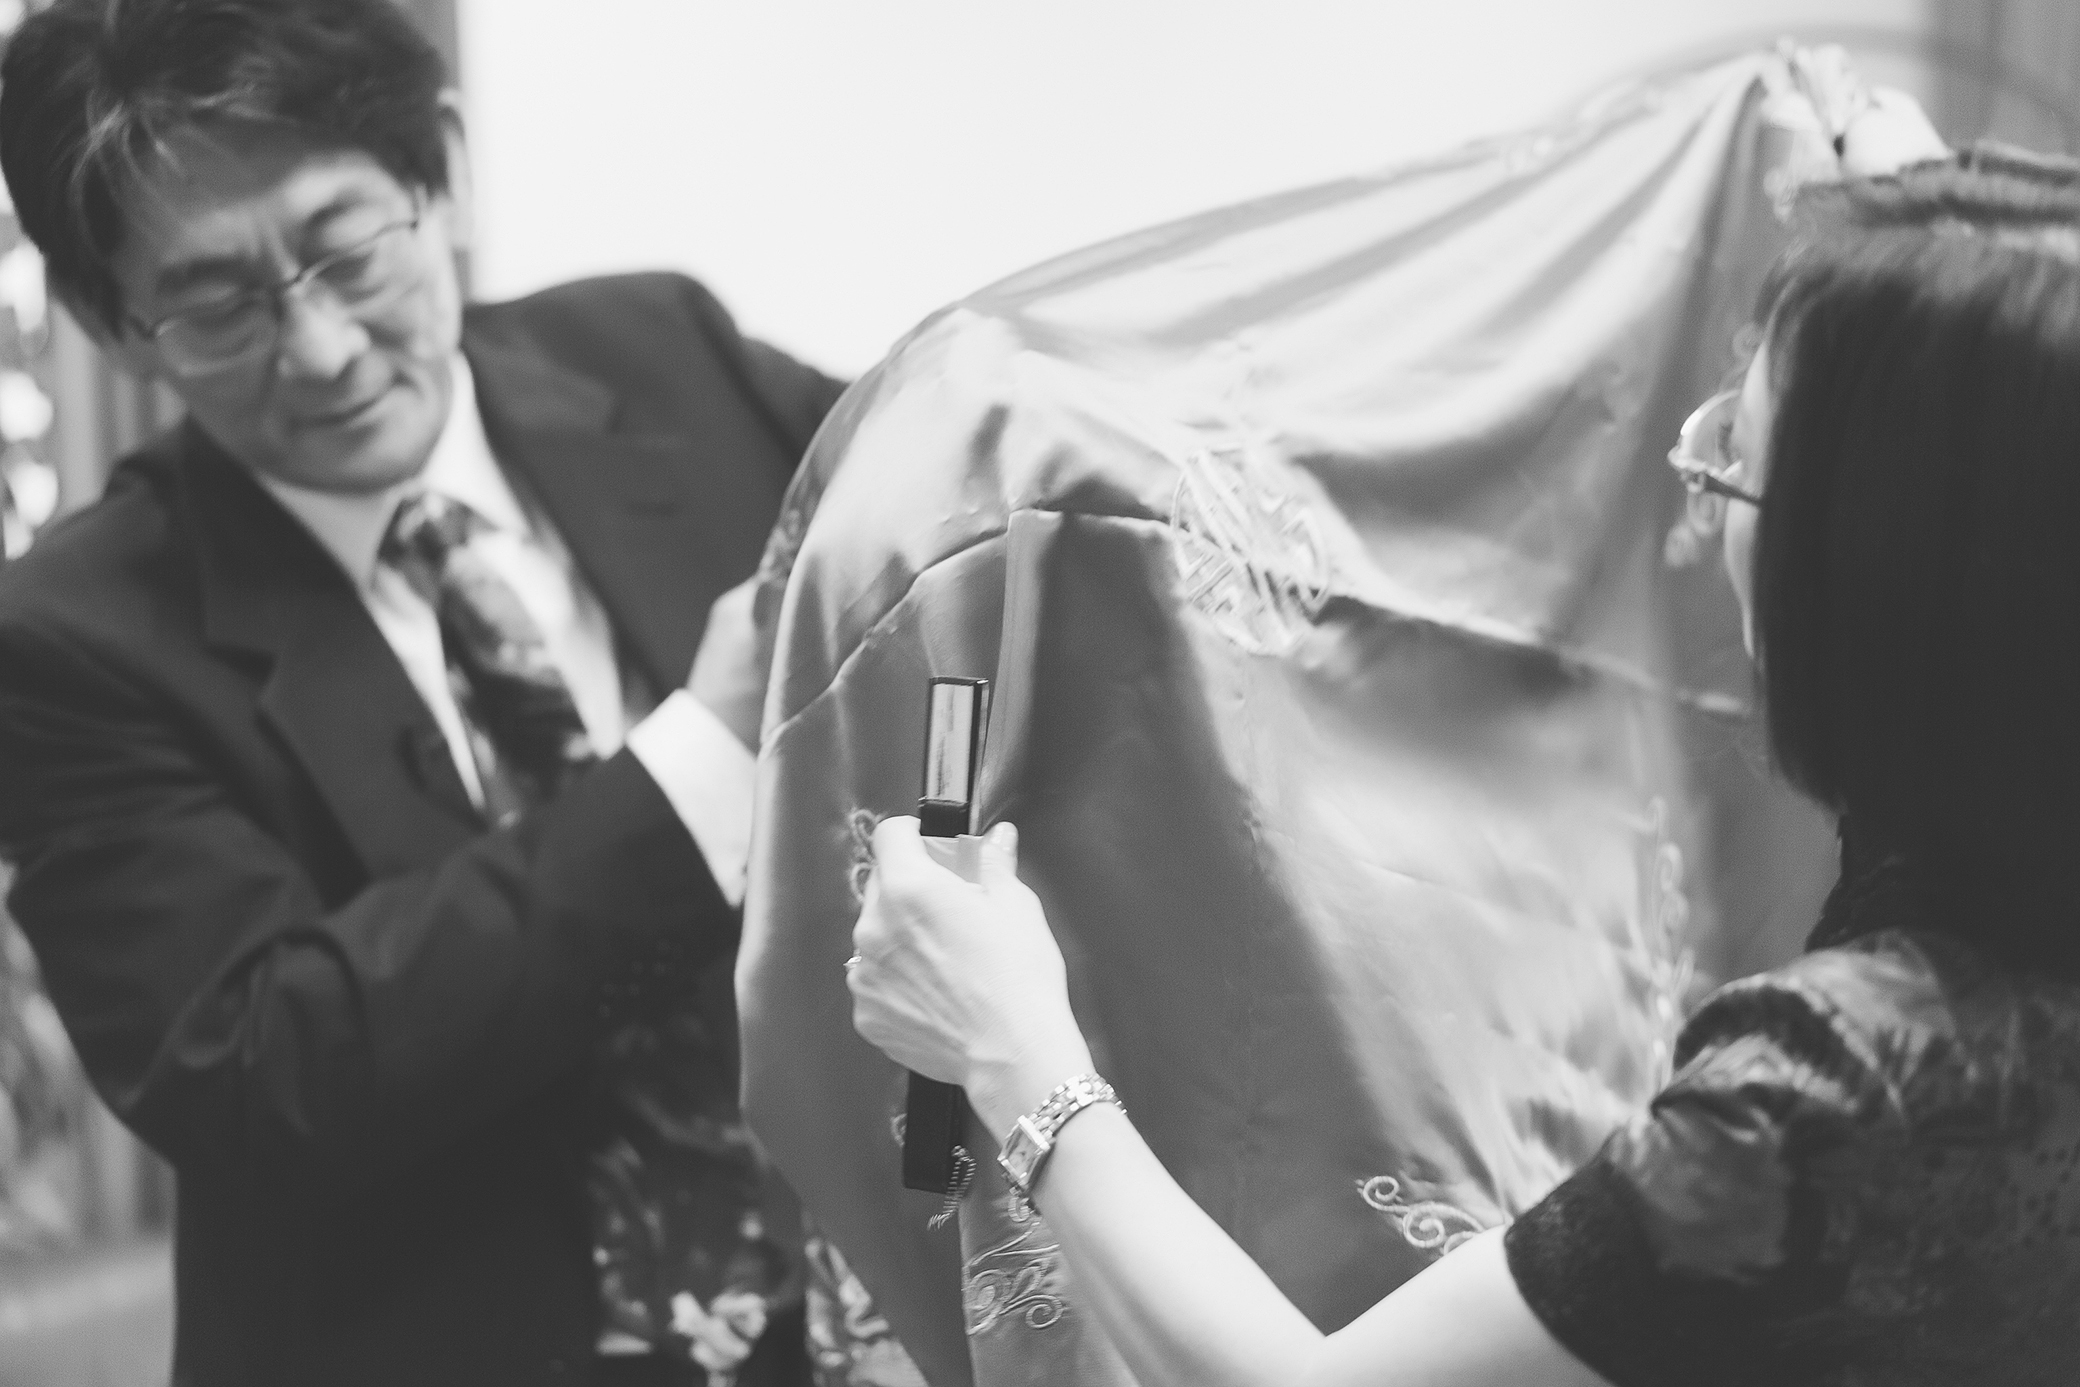 nickchang-wedding-%e5%af%92%e8%88%8d%e8%89%be%e9%ba%97-fineart-24